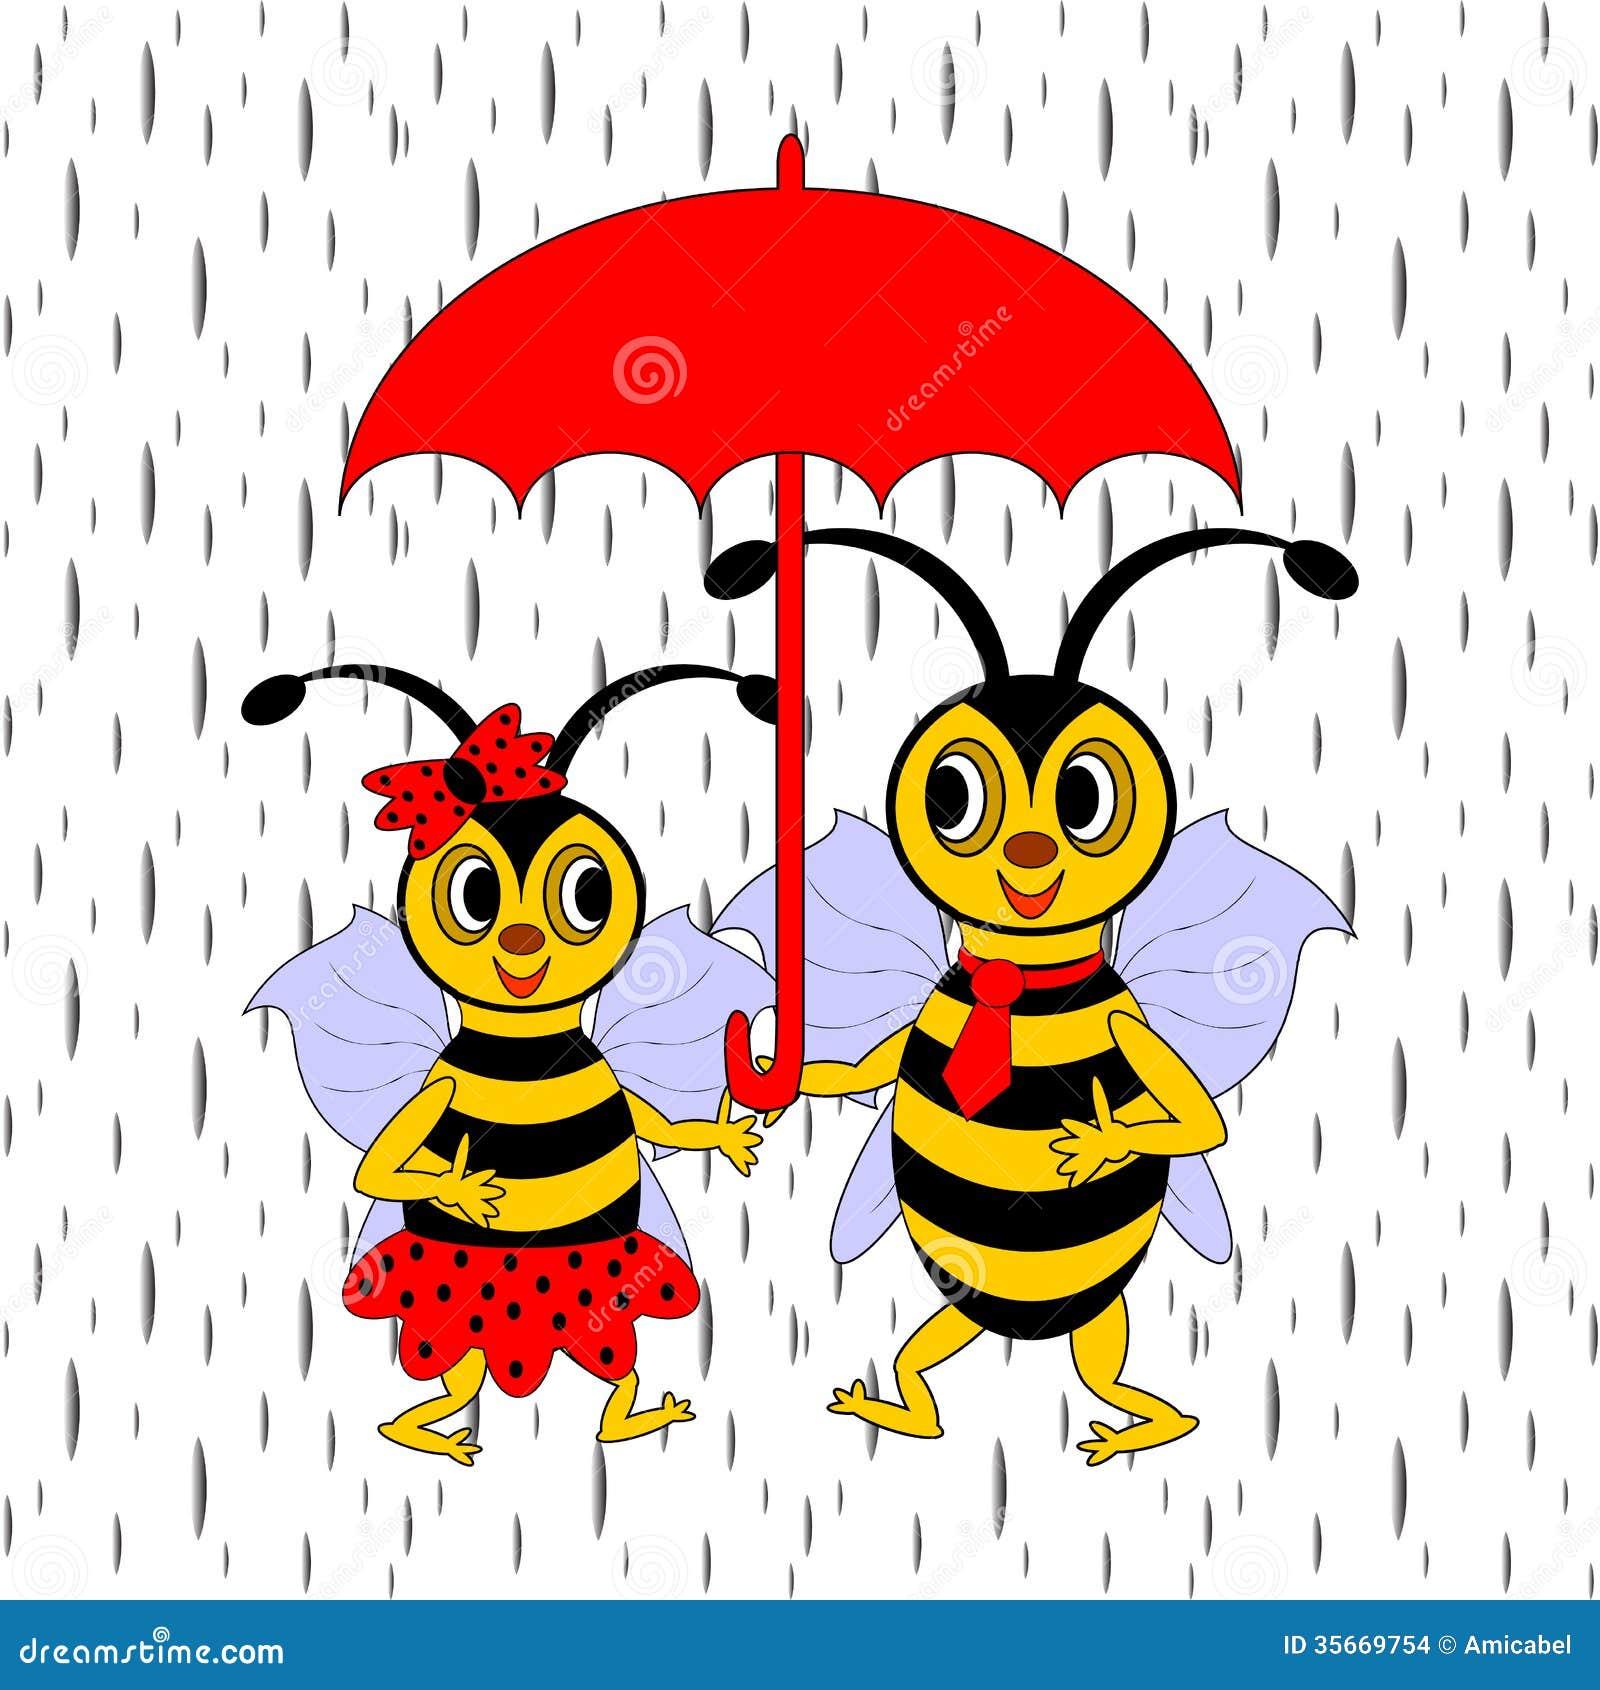 Bee Cartoon Quotes. QuotesGram